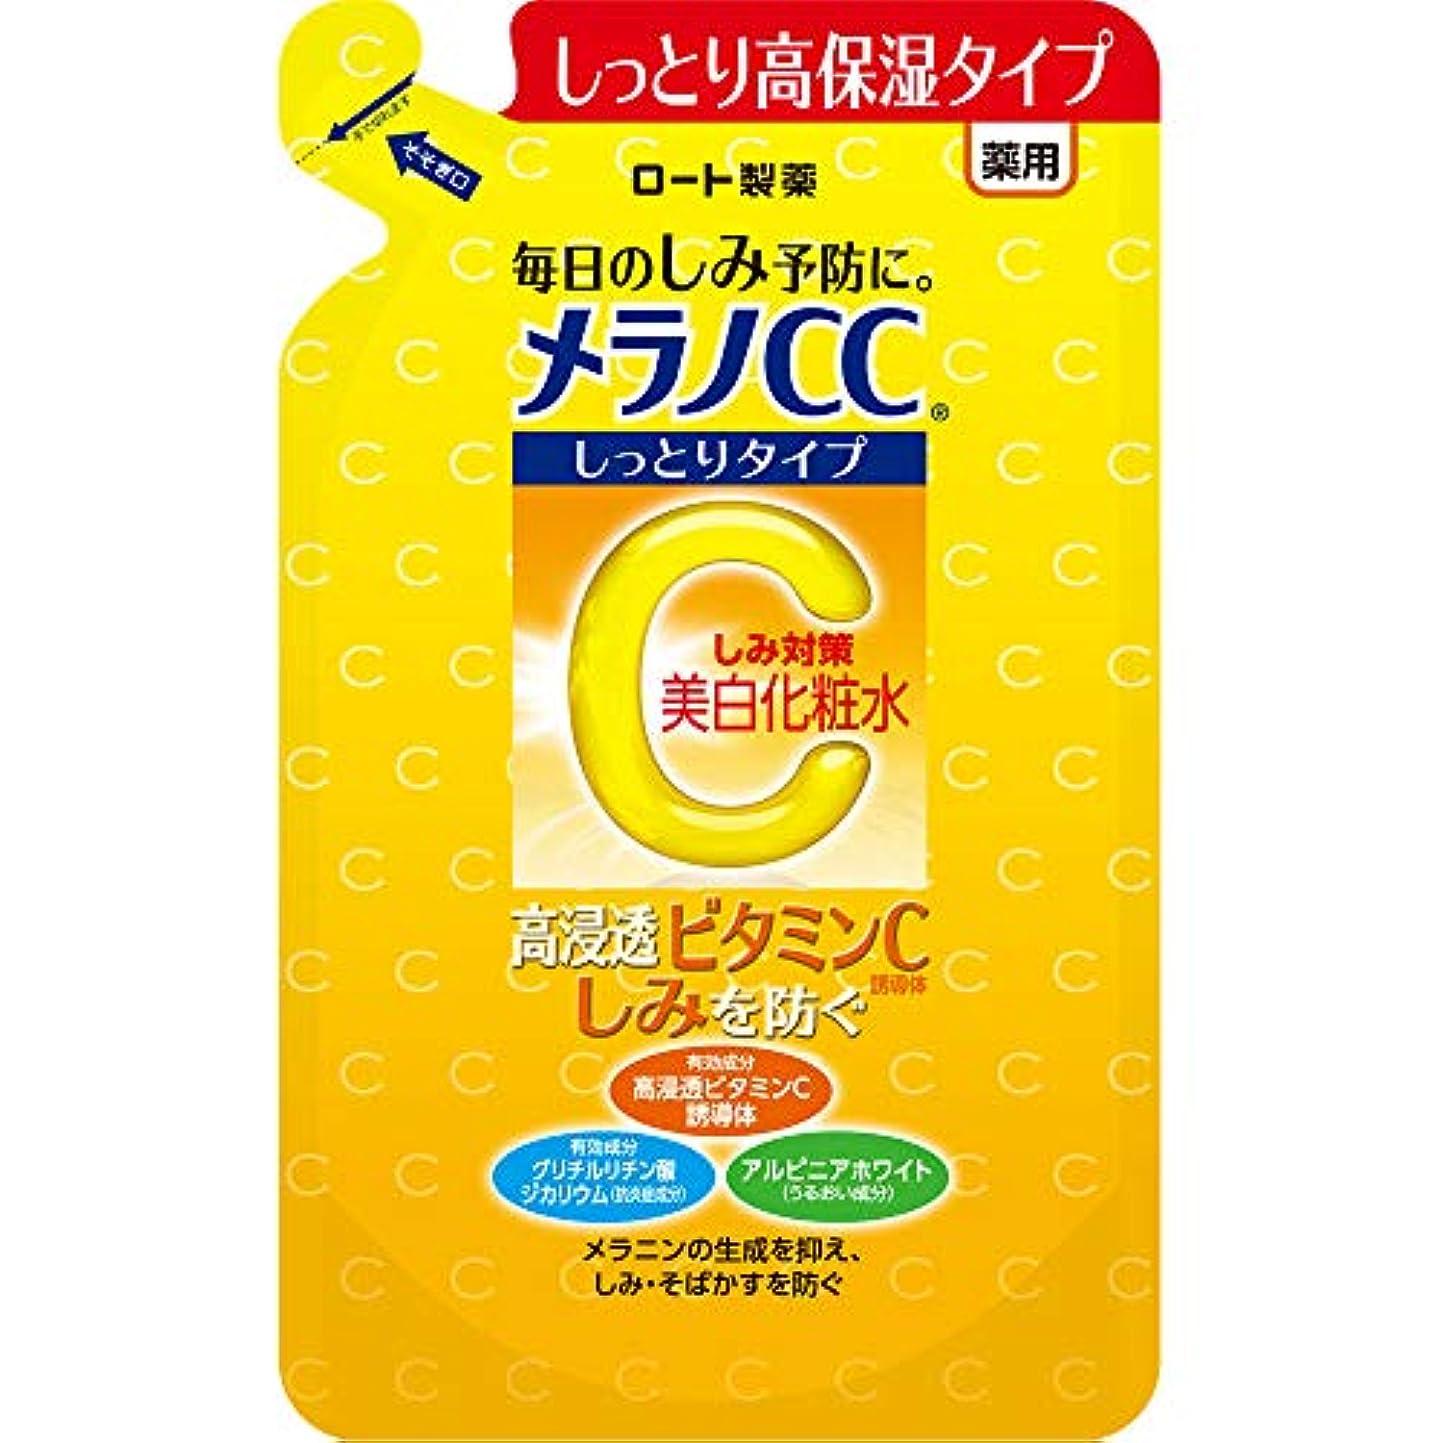 発行検索エンジン最適化実証するメラノCC 薬用しみ対策美白化粧水 しっとりタイプ つめかえ用 170mL